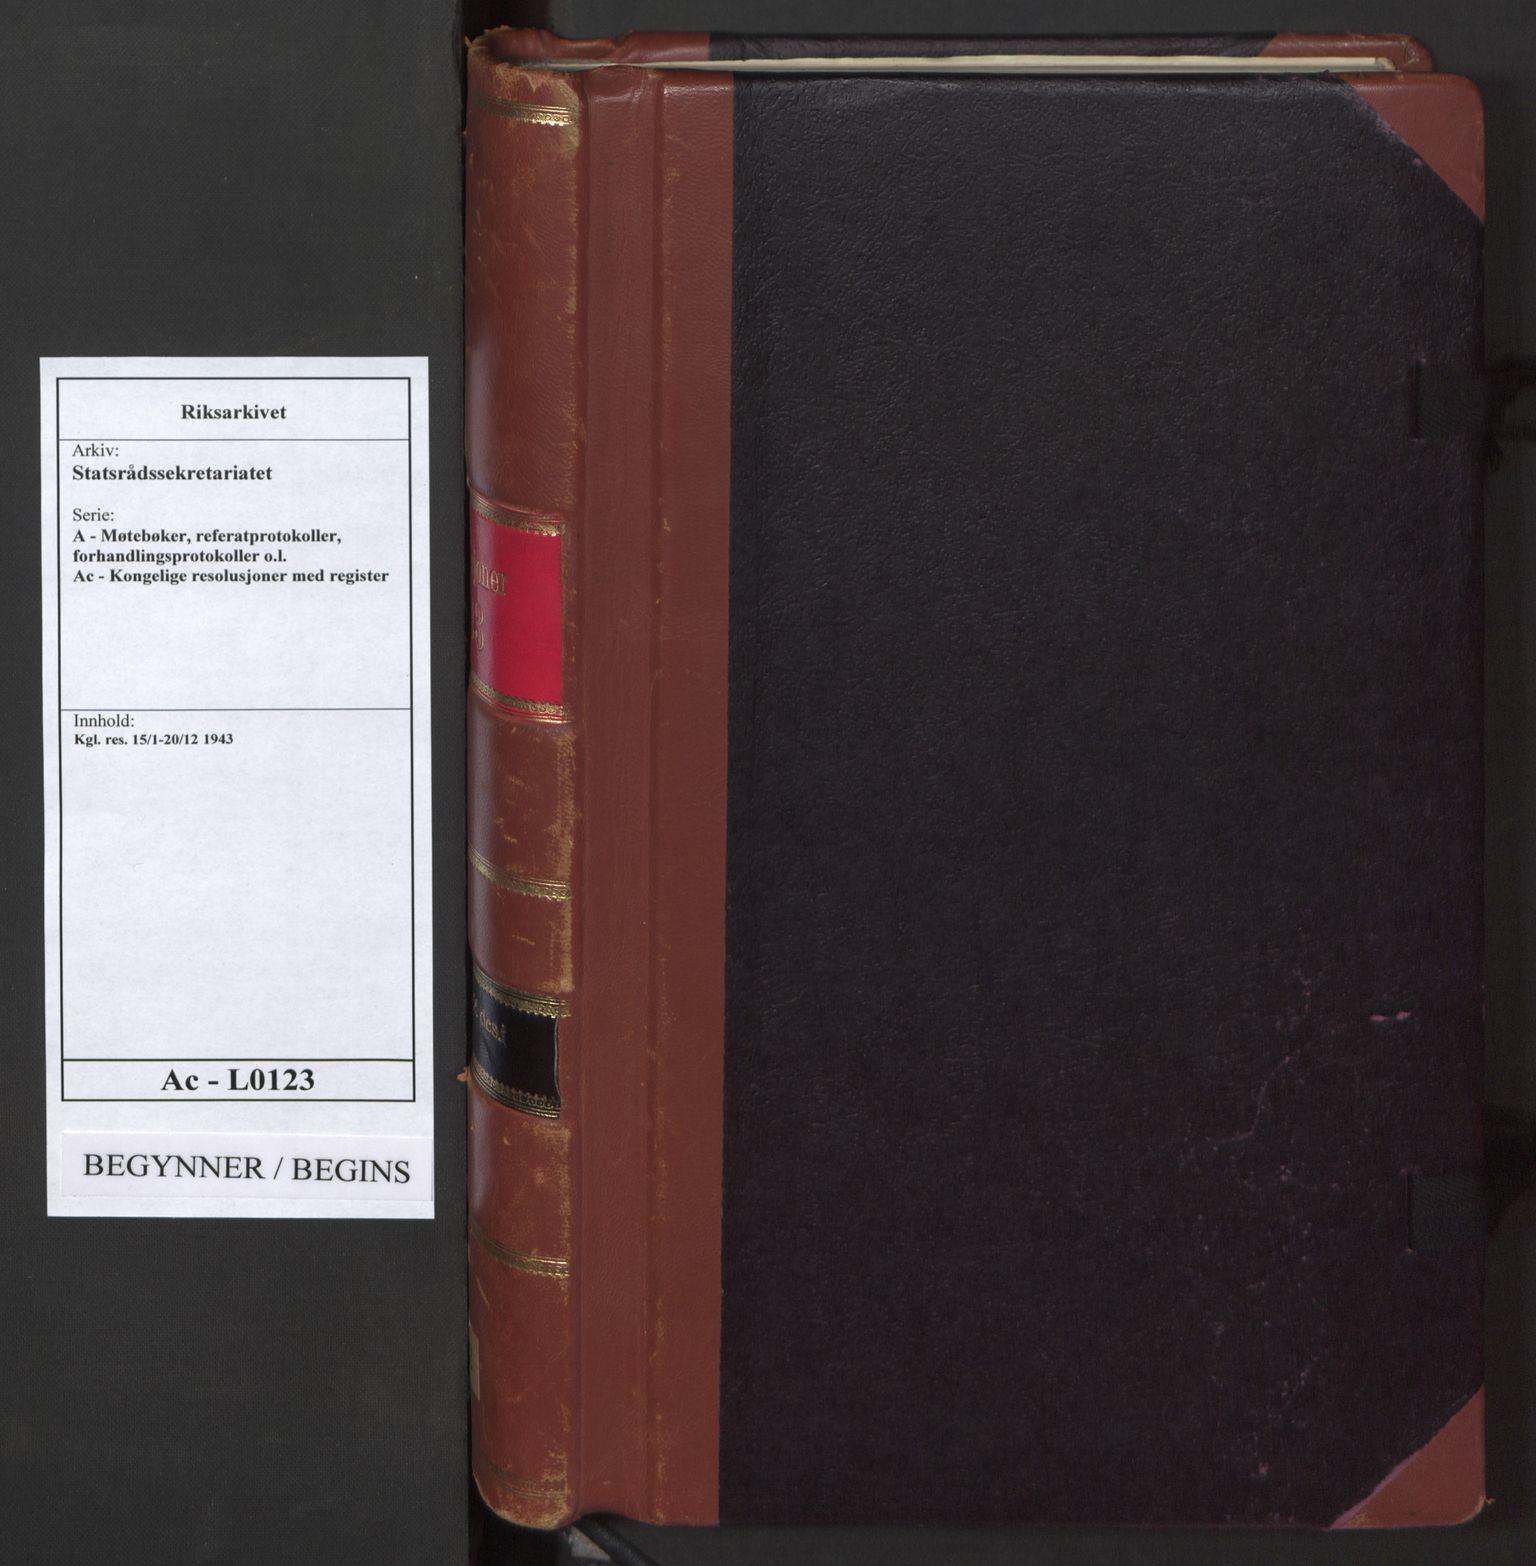 RA, Statsrådssekretariatet, A/Ac/L0123: Kgl. res. 15/1-20/12, 1943, s. upaginert